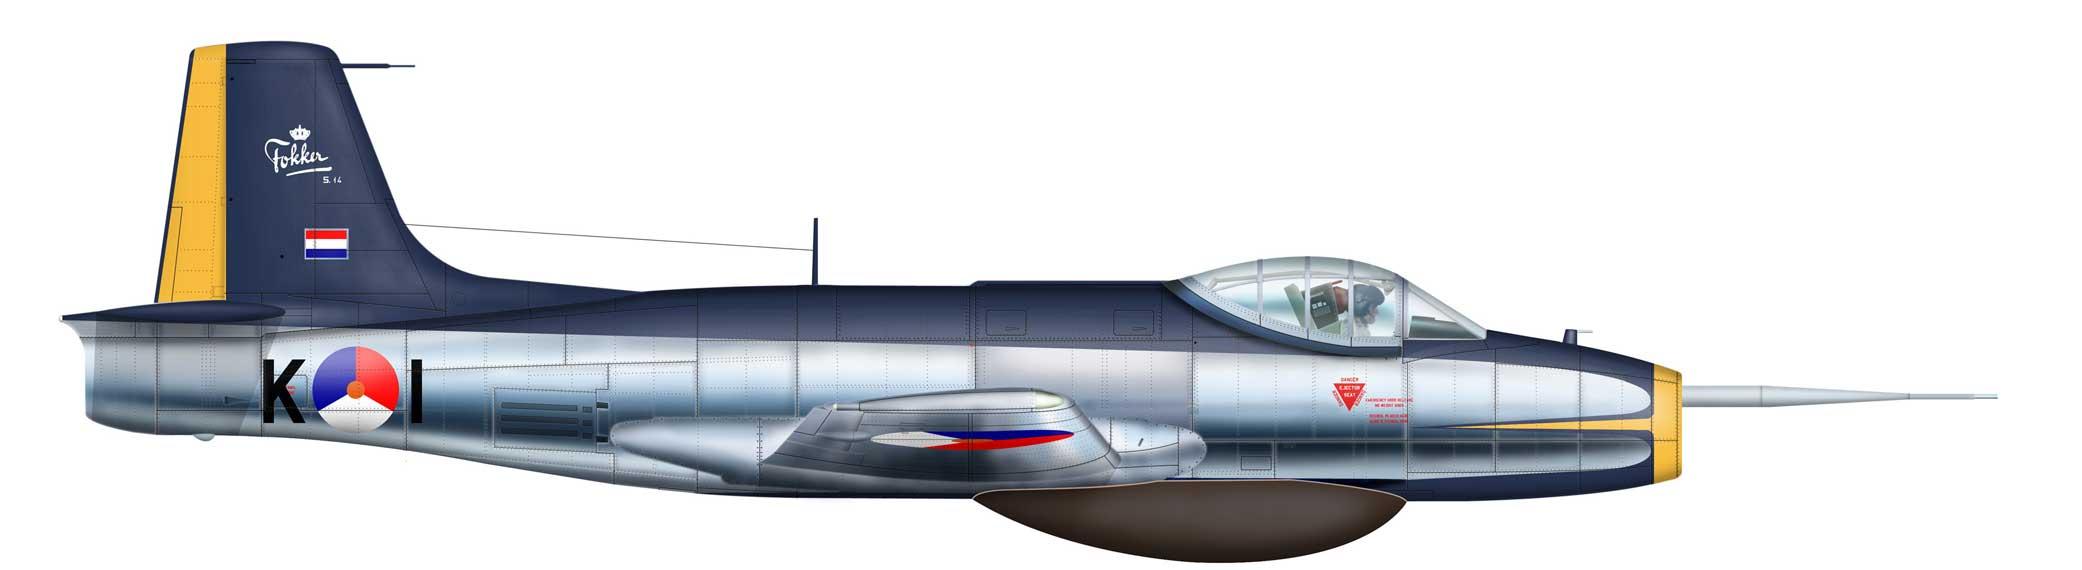 k-1-gun-pod